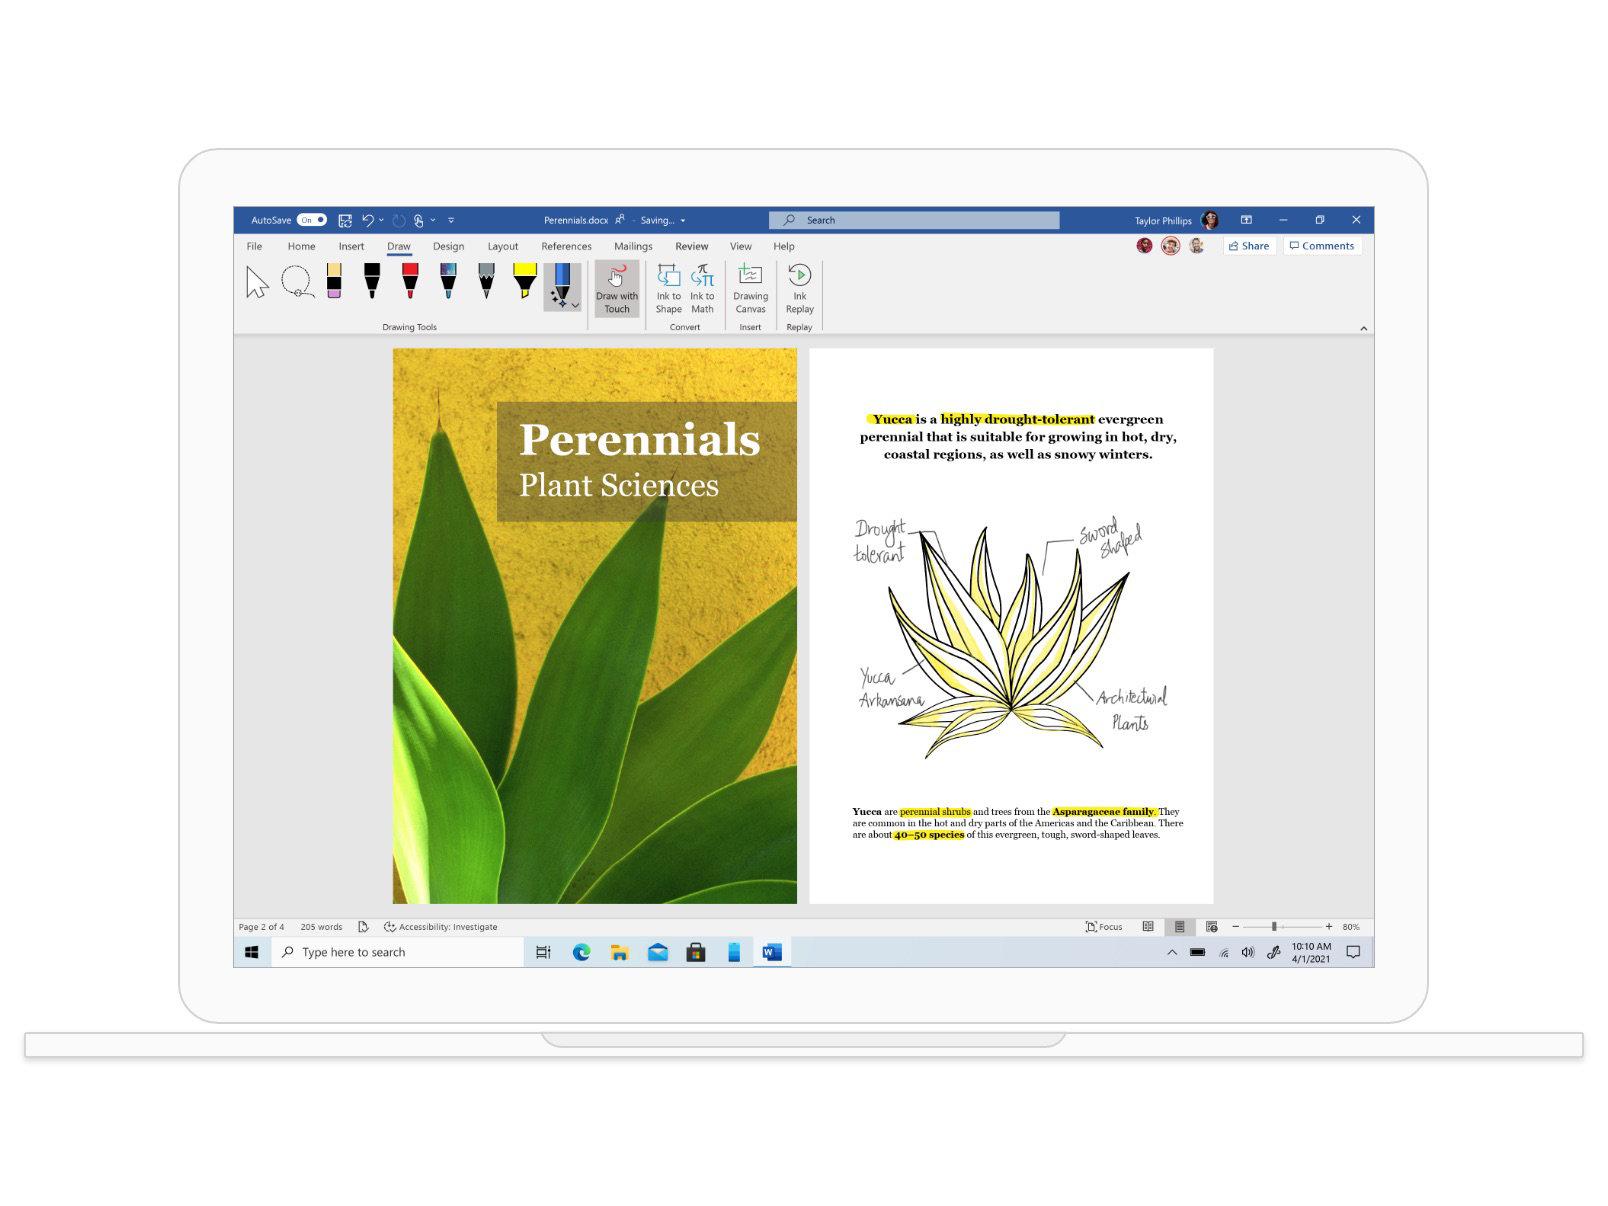 Document Word sur la science des plantes vivaces avec des schémas représentant des plantes.